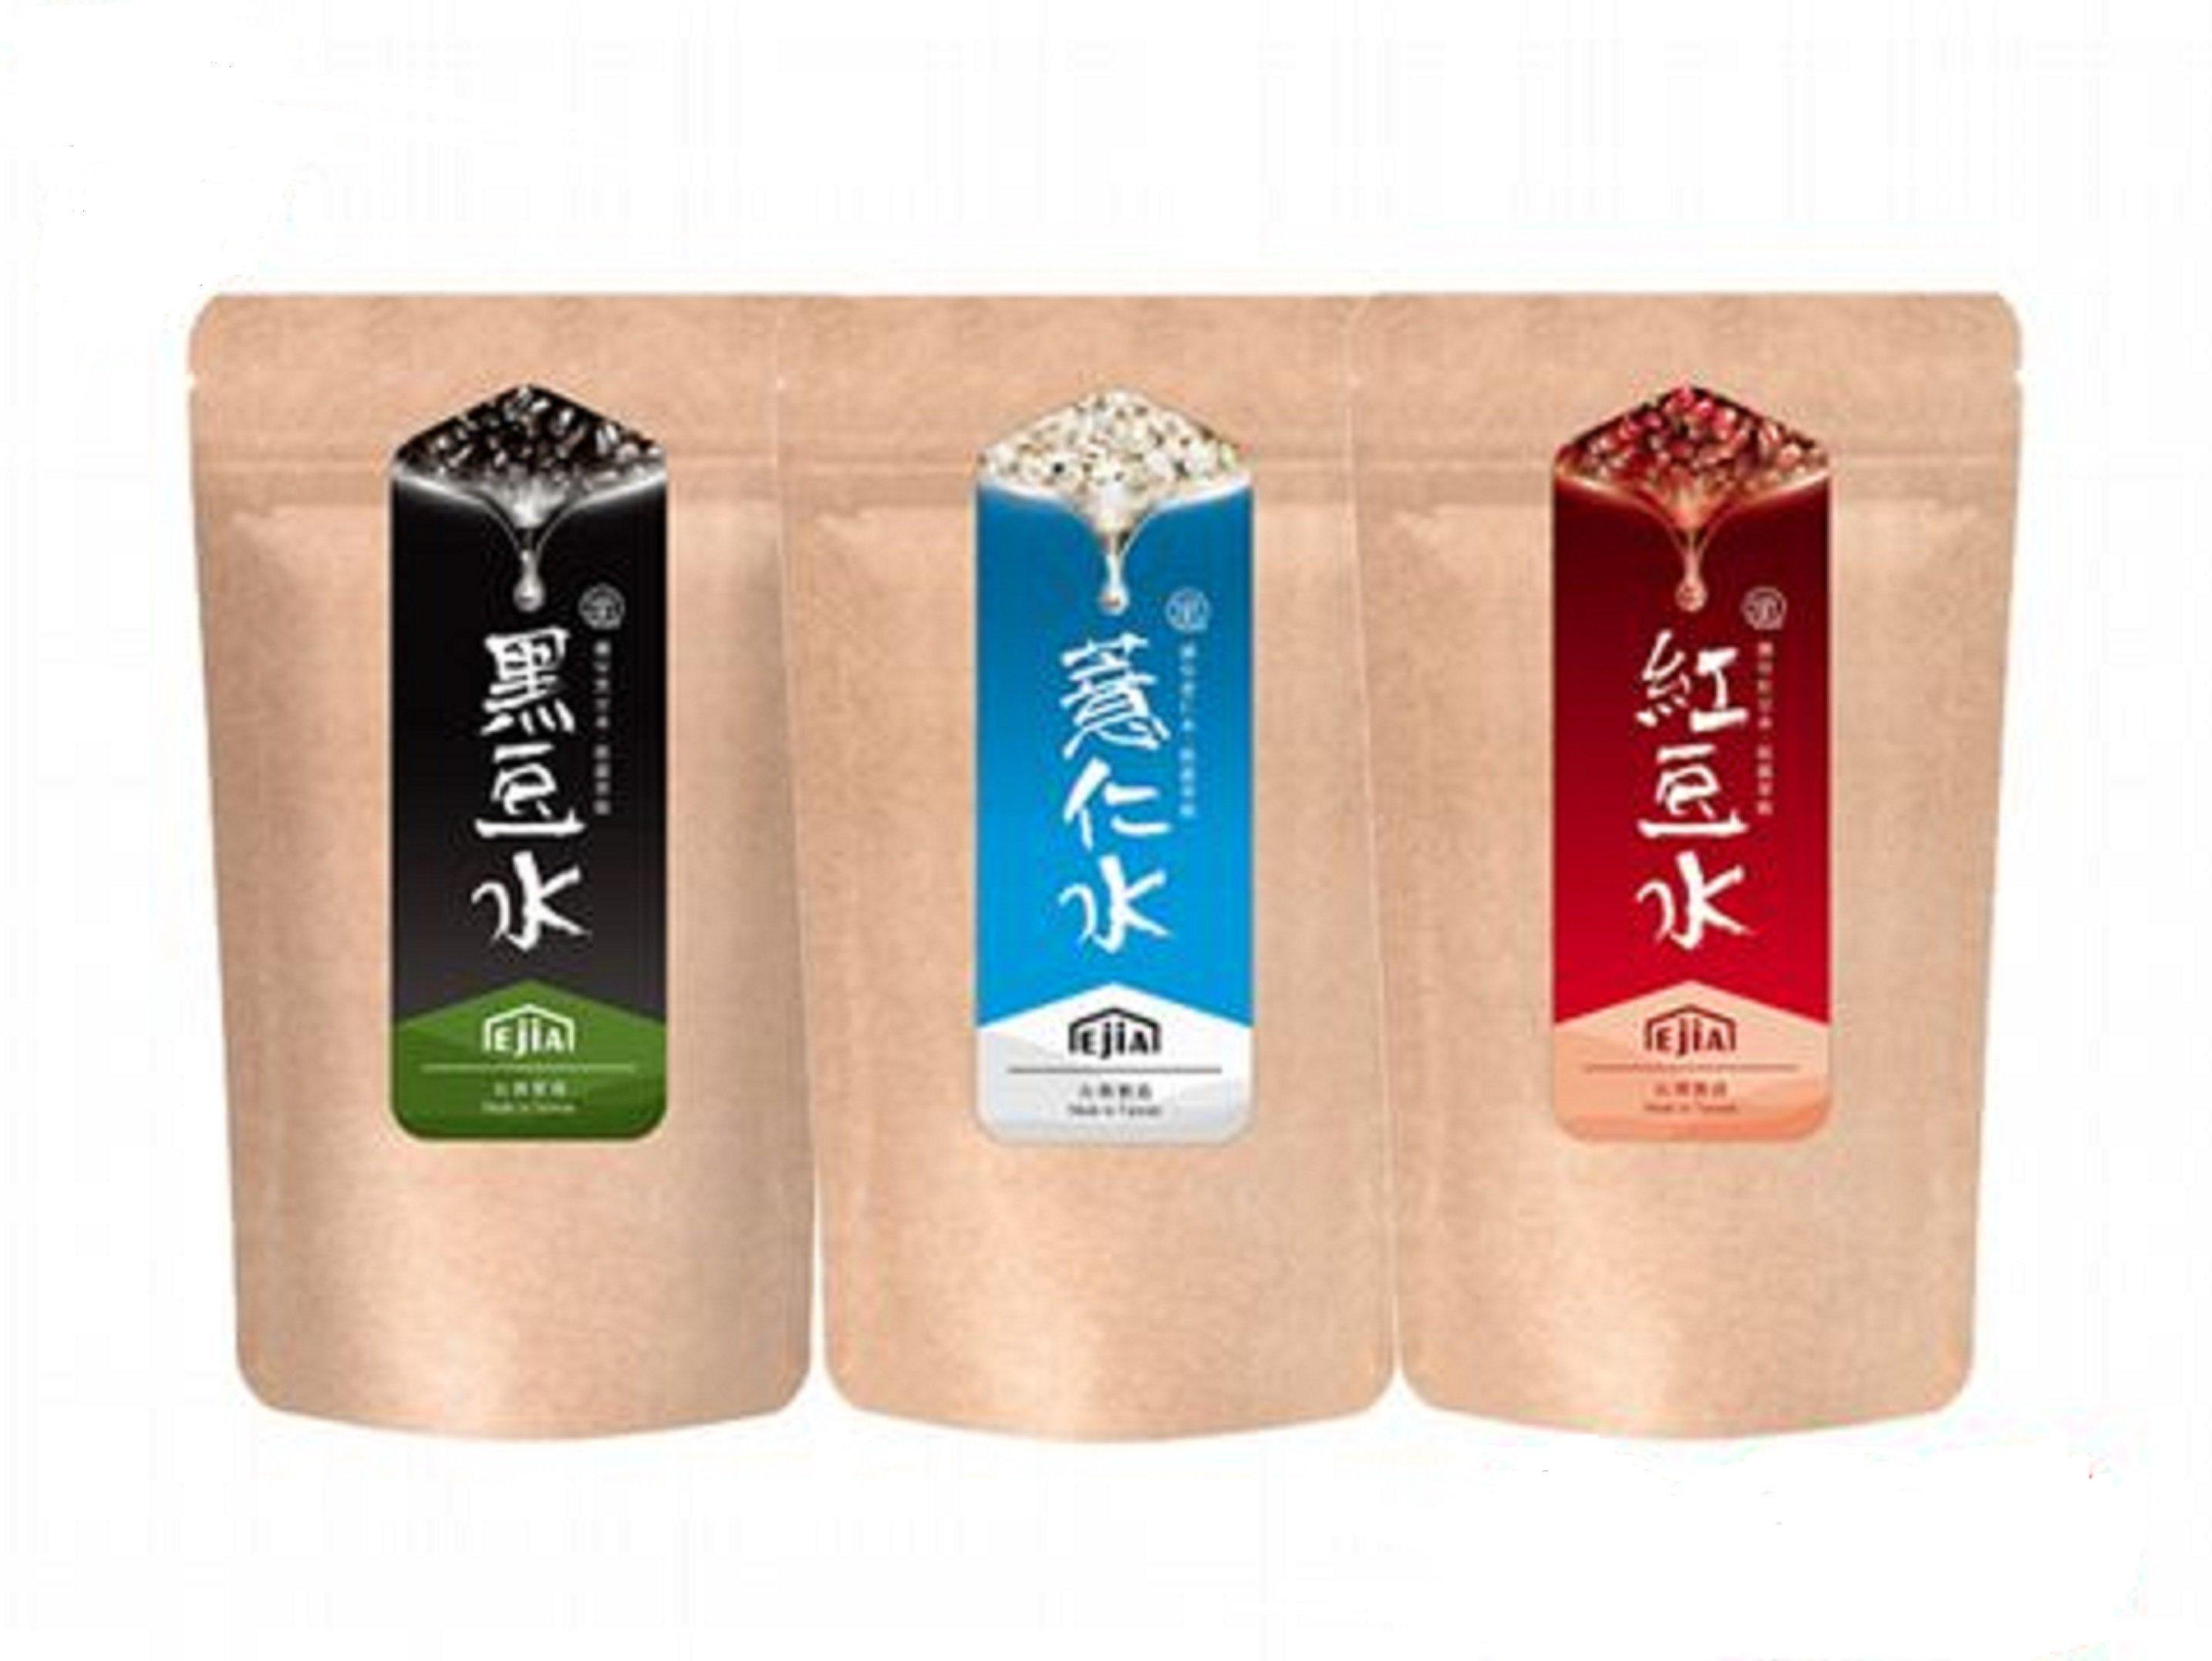 易珈生技 纖Q好手藝系列 紅豆水/黑豆水/薏仁水 袋裝(2g/包;  30包/袋) 任選 可超取 自取 離島